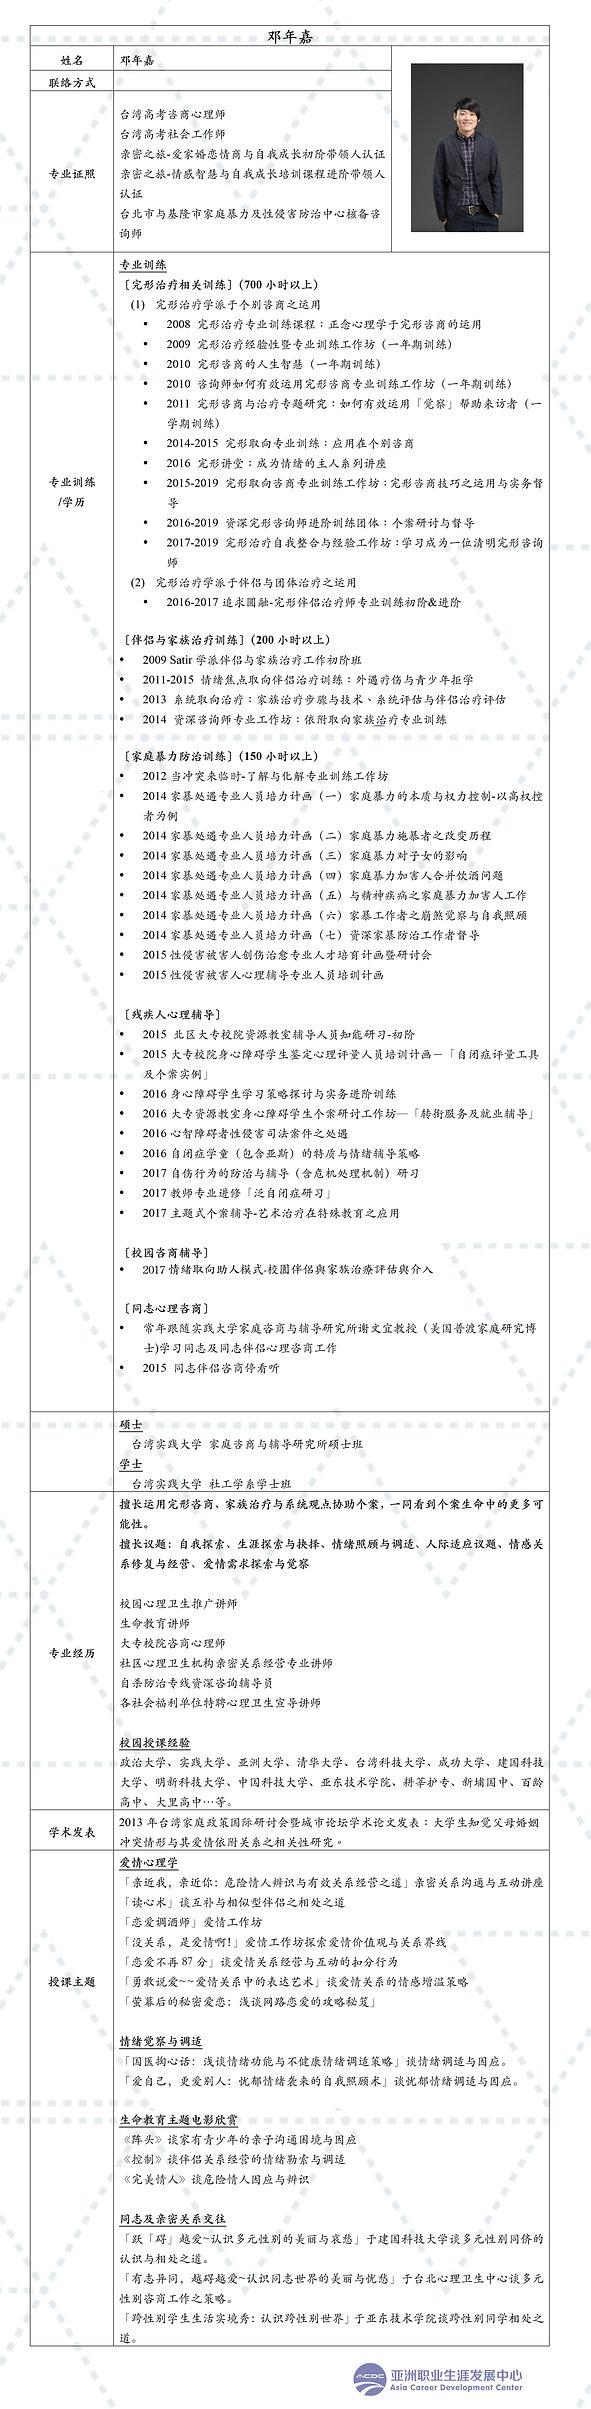 _邓年嘉_咨詢師简历.jpg